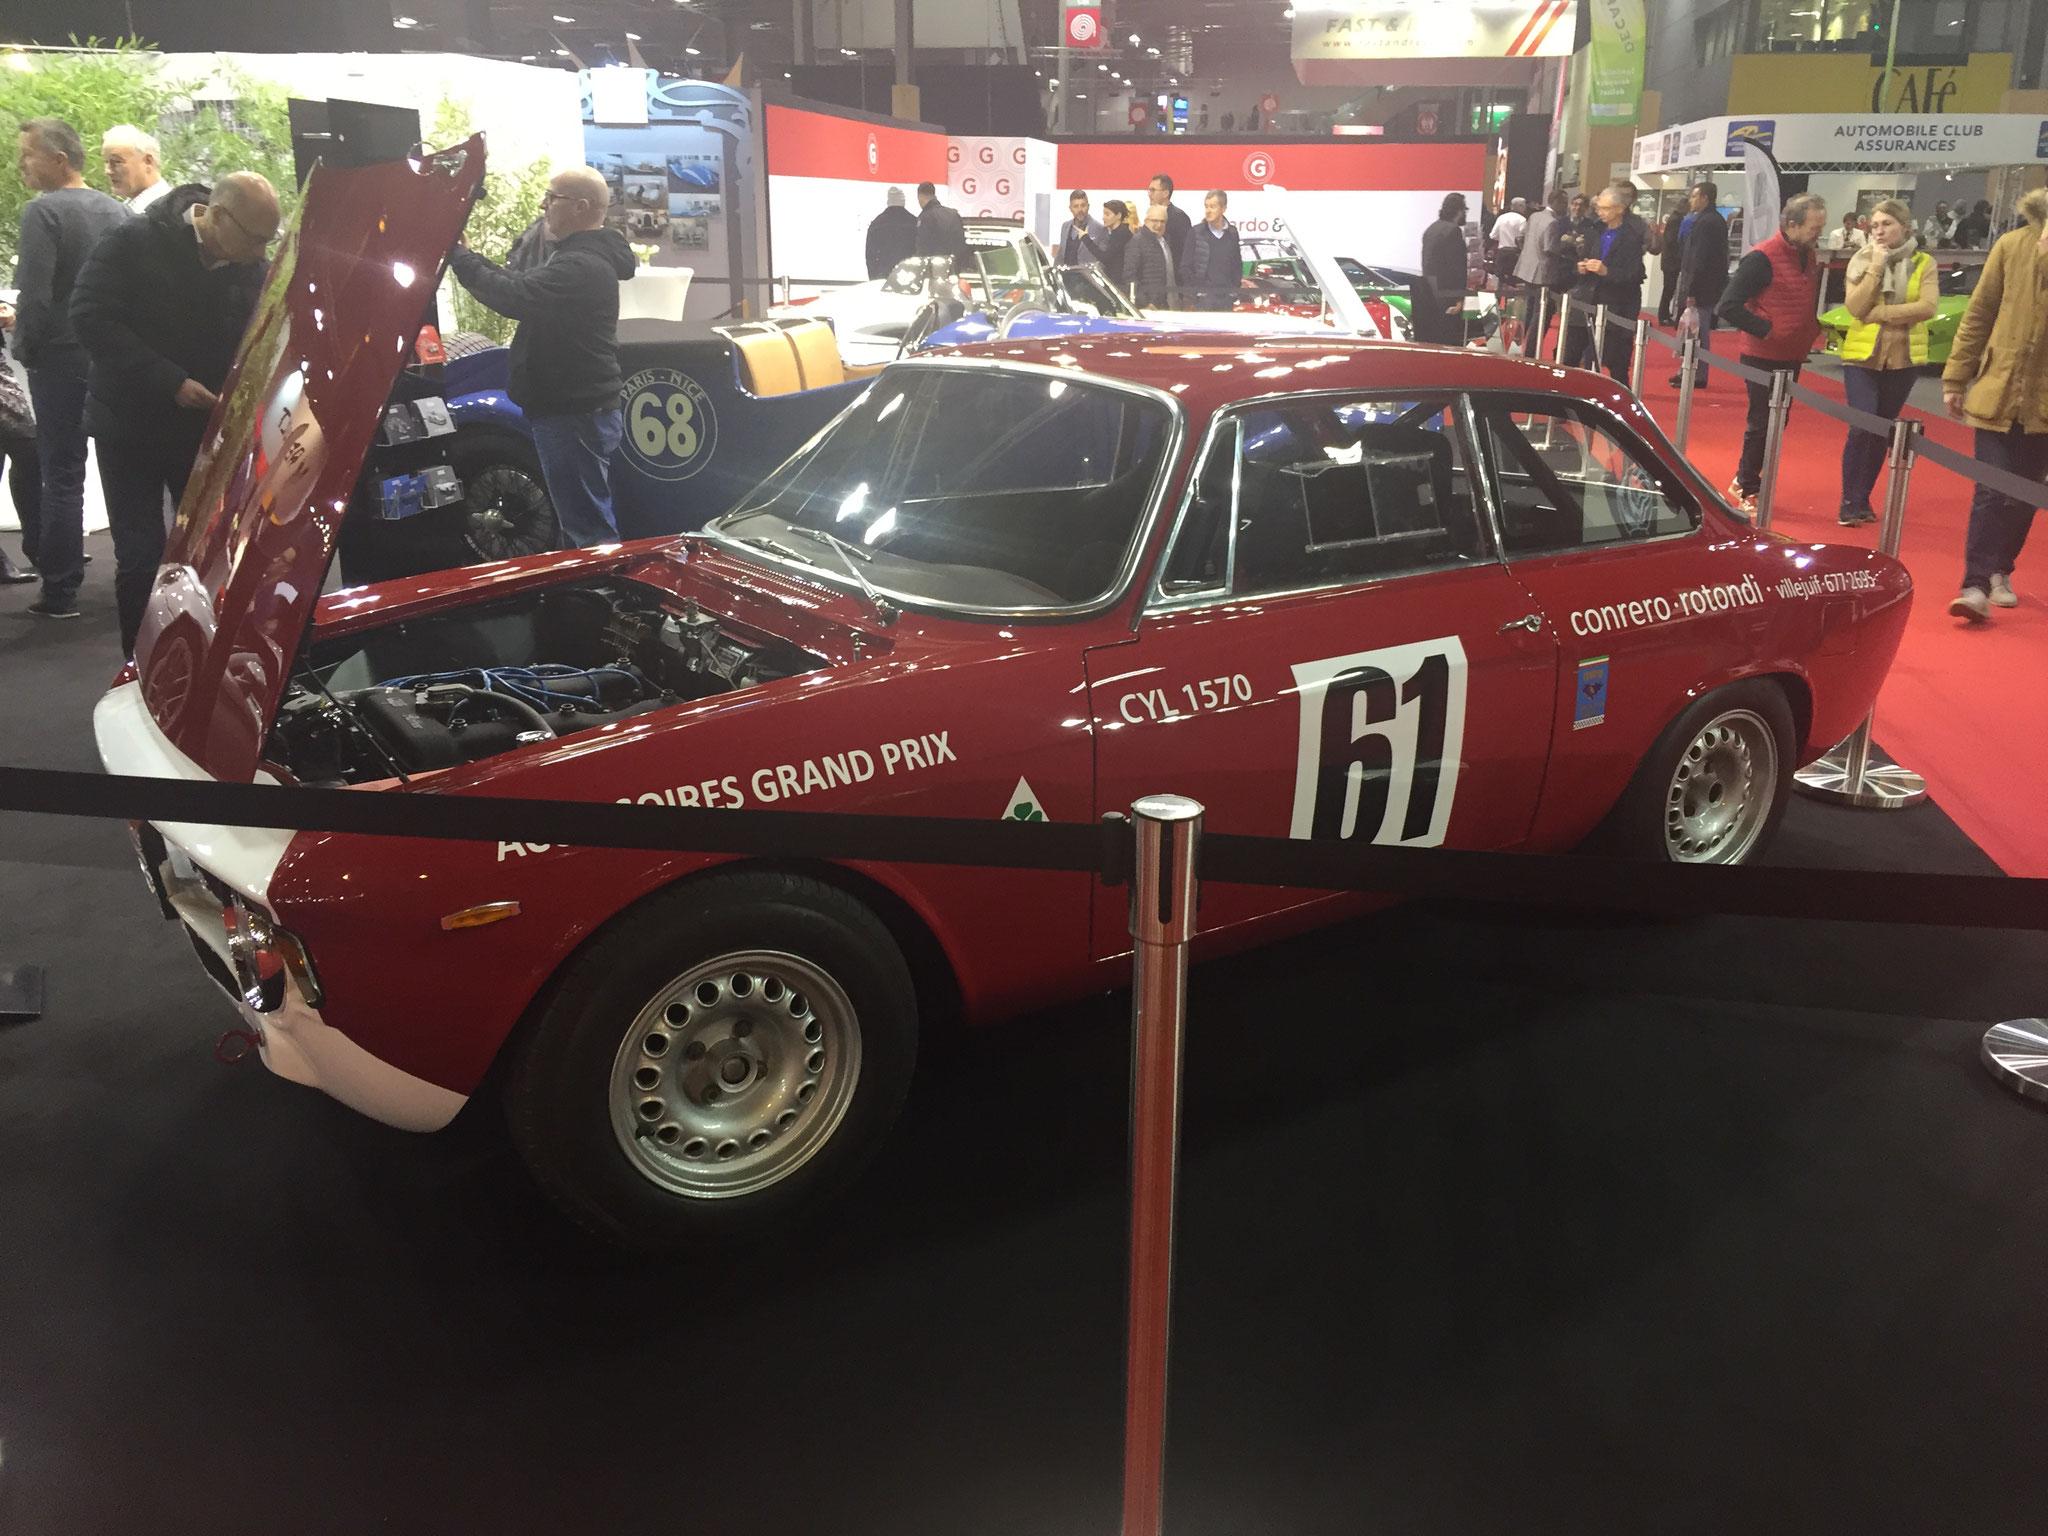 ALFA ROMEO GIULIA GTA 1600 CORSA (1965)